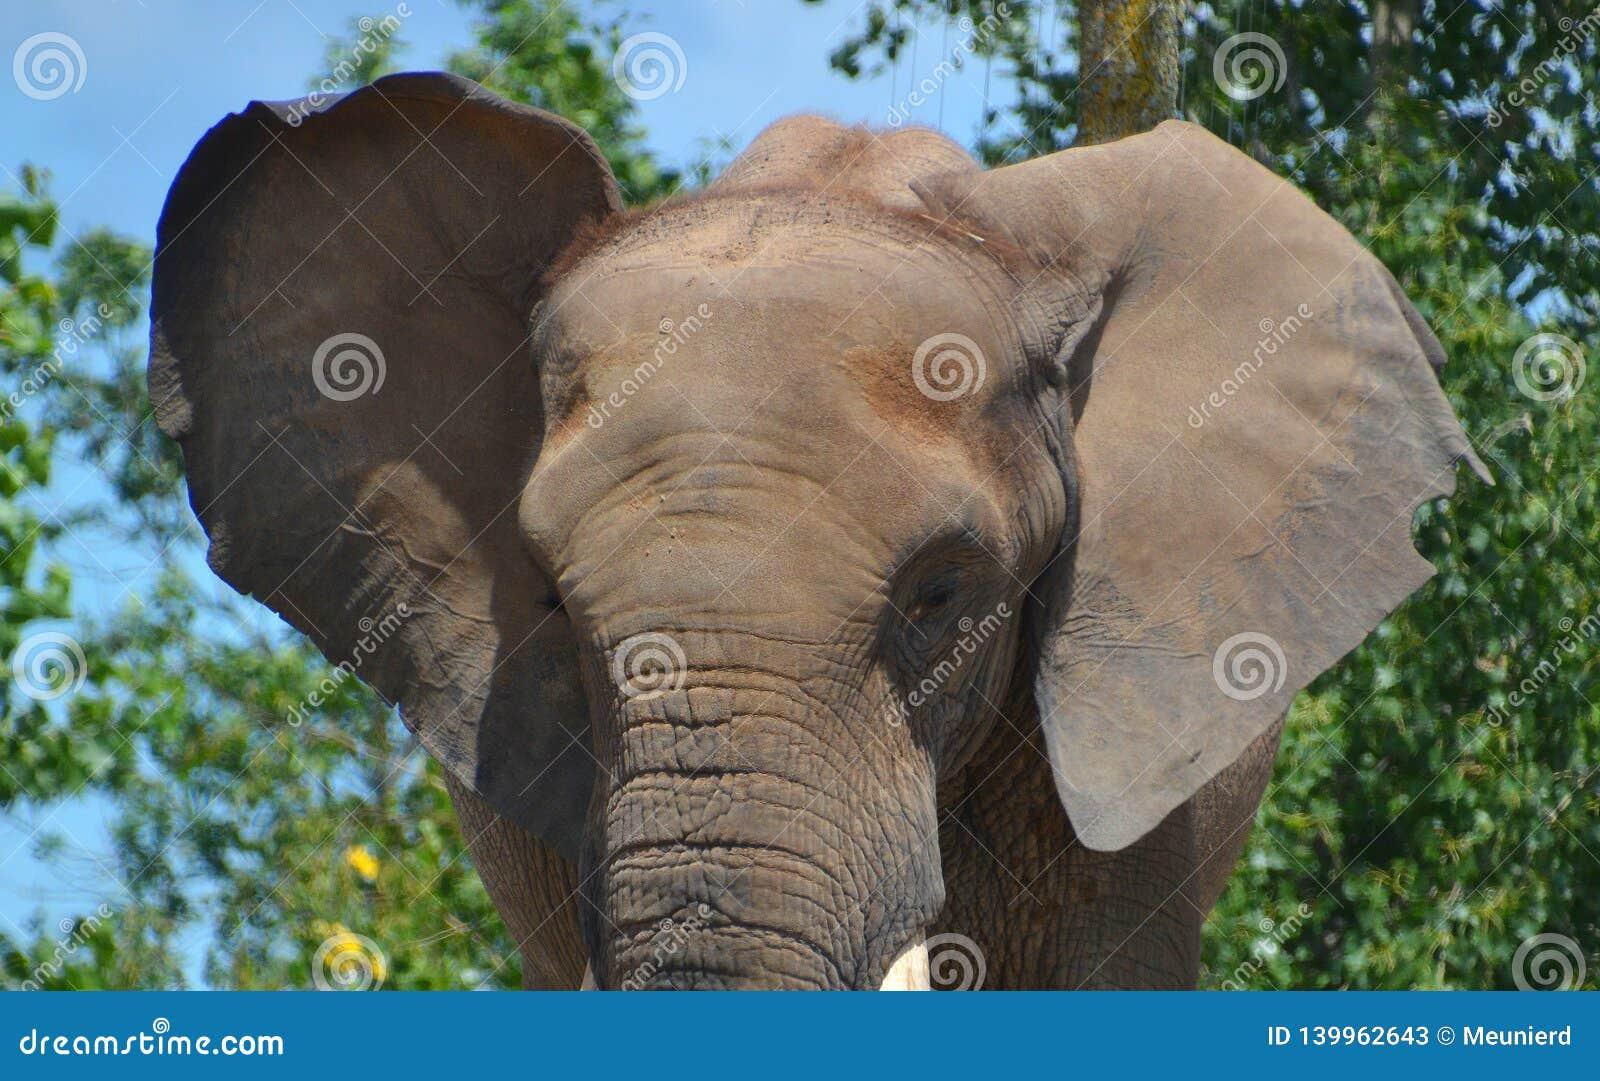 Afrikanische Elefanten sind Elefanten der Klasse Loxodonta